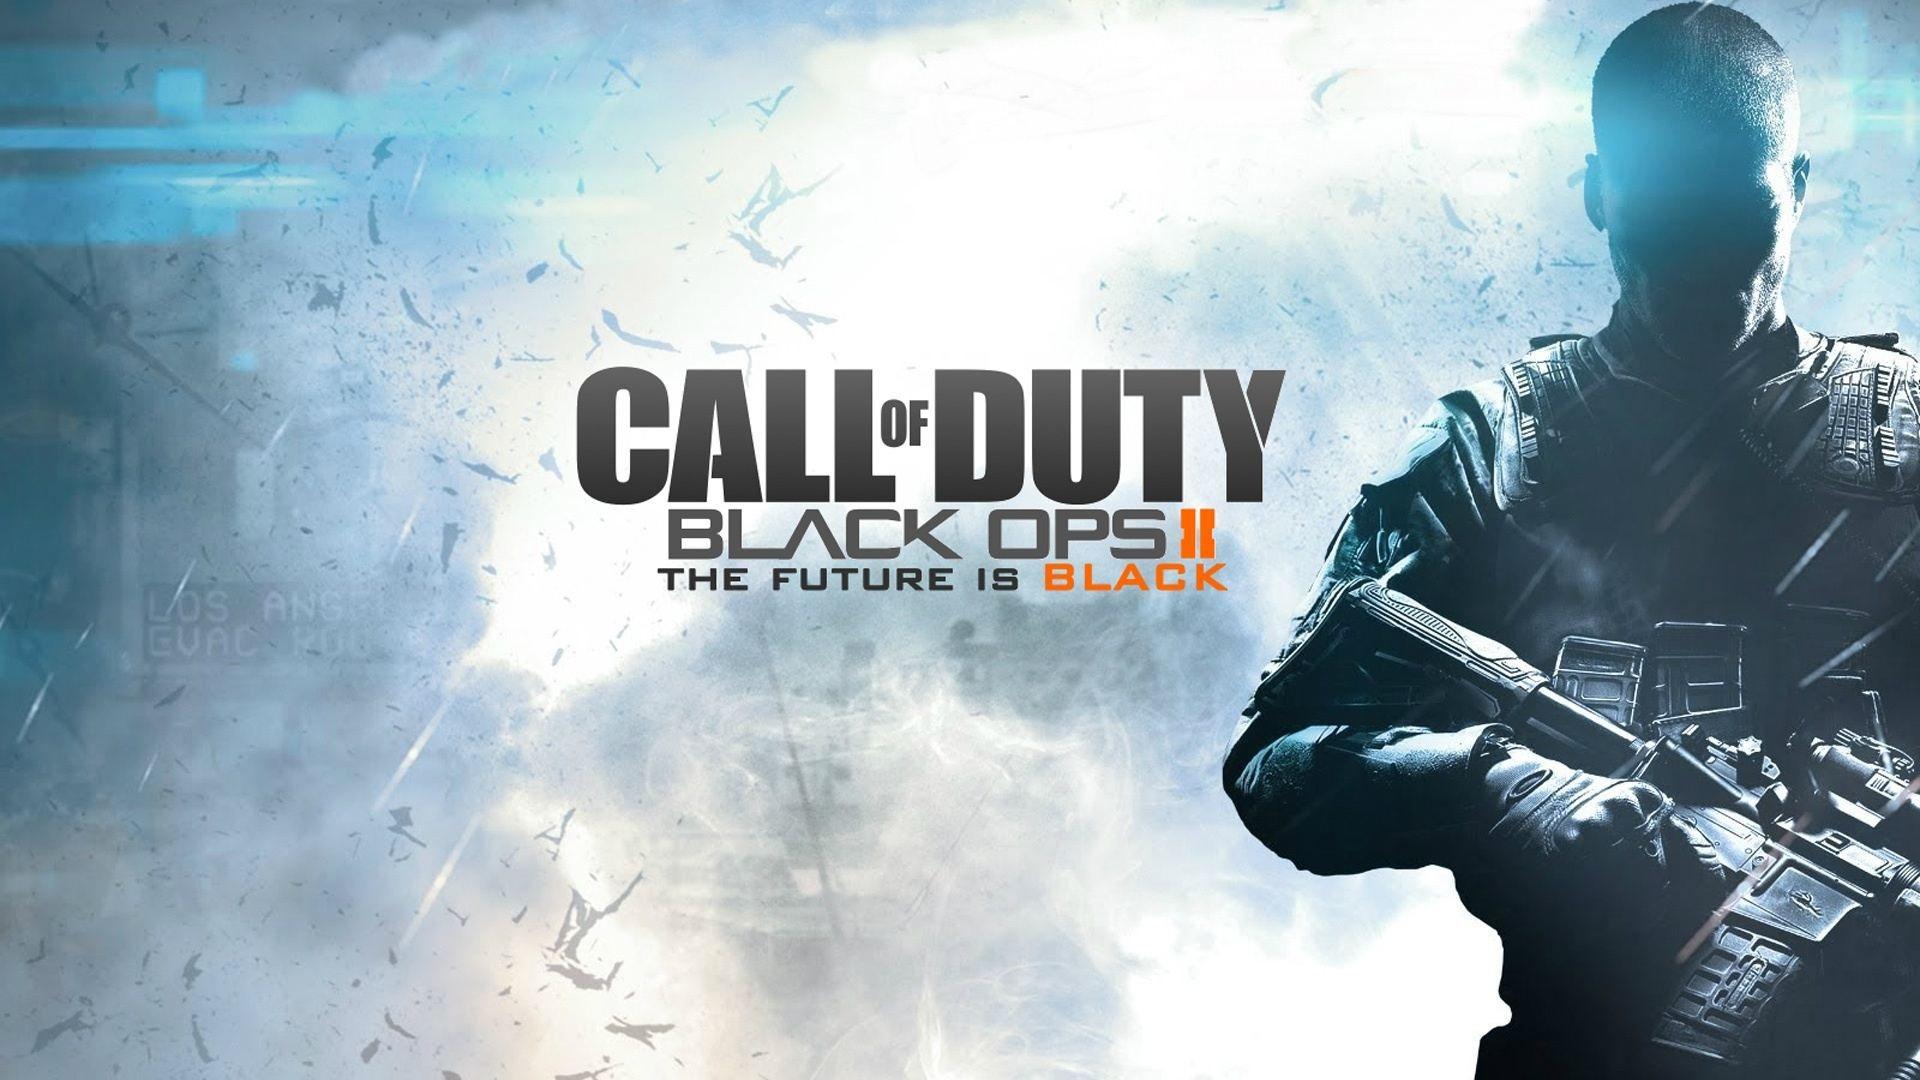 Duty Black Ops II Future is Black Full HD Desktop Wallpapers 1080p 1920x1080